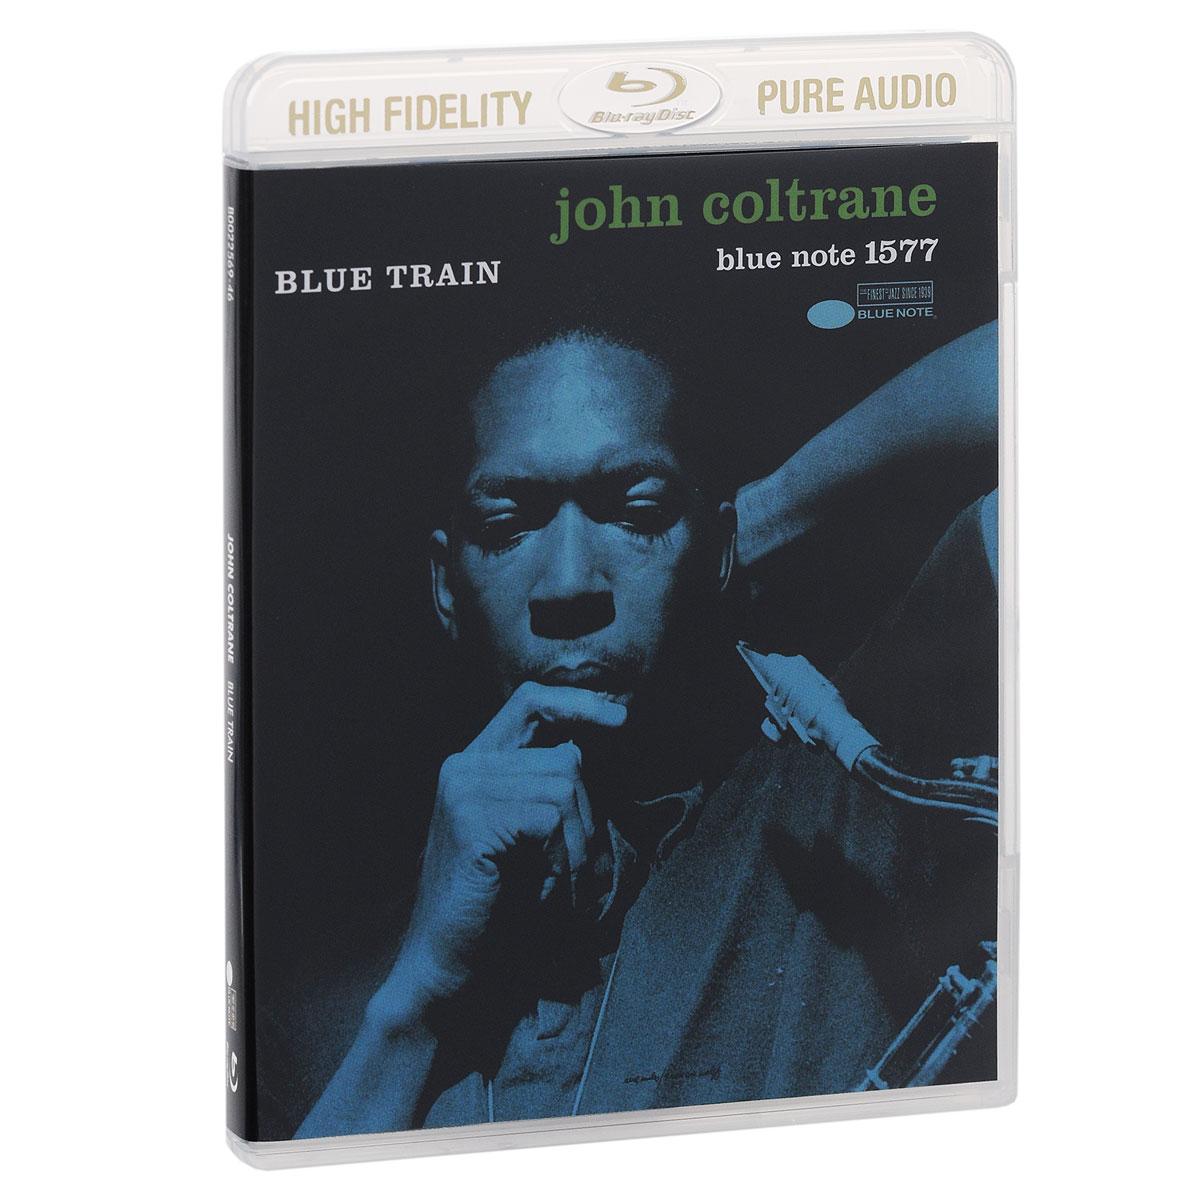 Издание содержит 8-страничный буклет с дополнительной информацией на английском языке, а также секретный код для загрузки цифровой версии альбома.